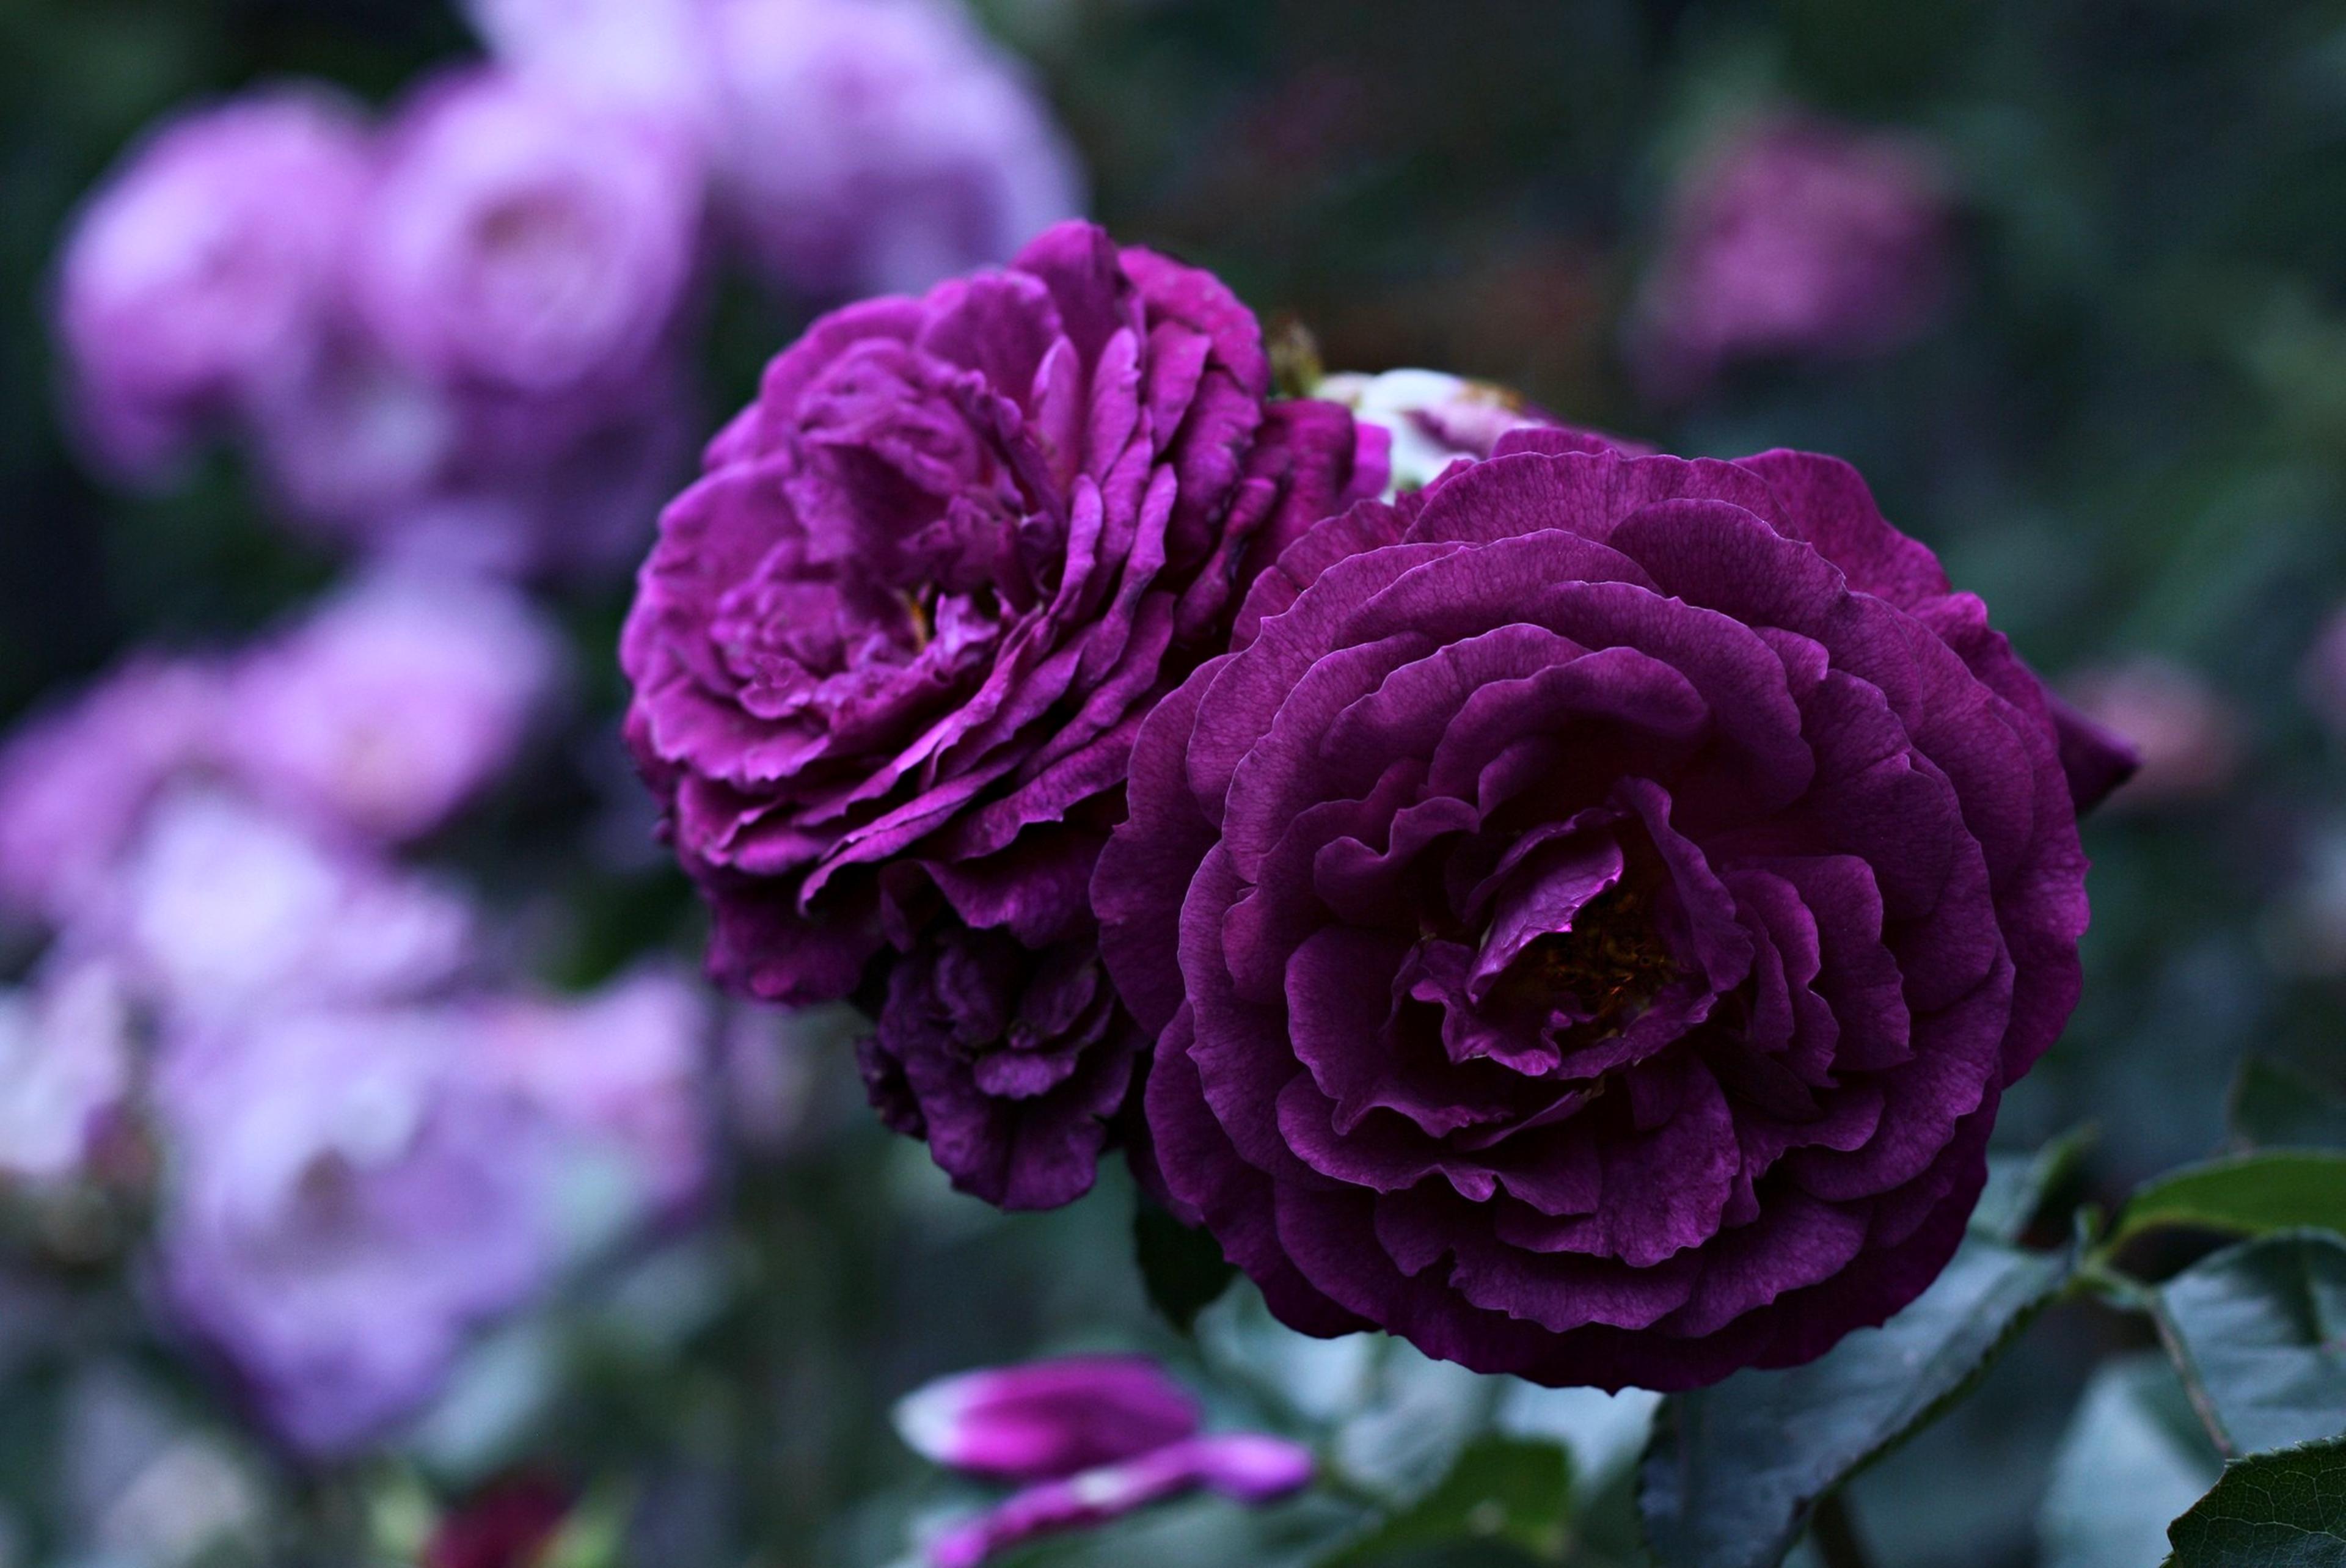 Rose violet 4k ultra hd wallpaper and background image - Big rose flower wallpaper ...